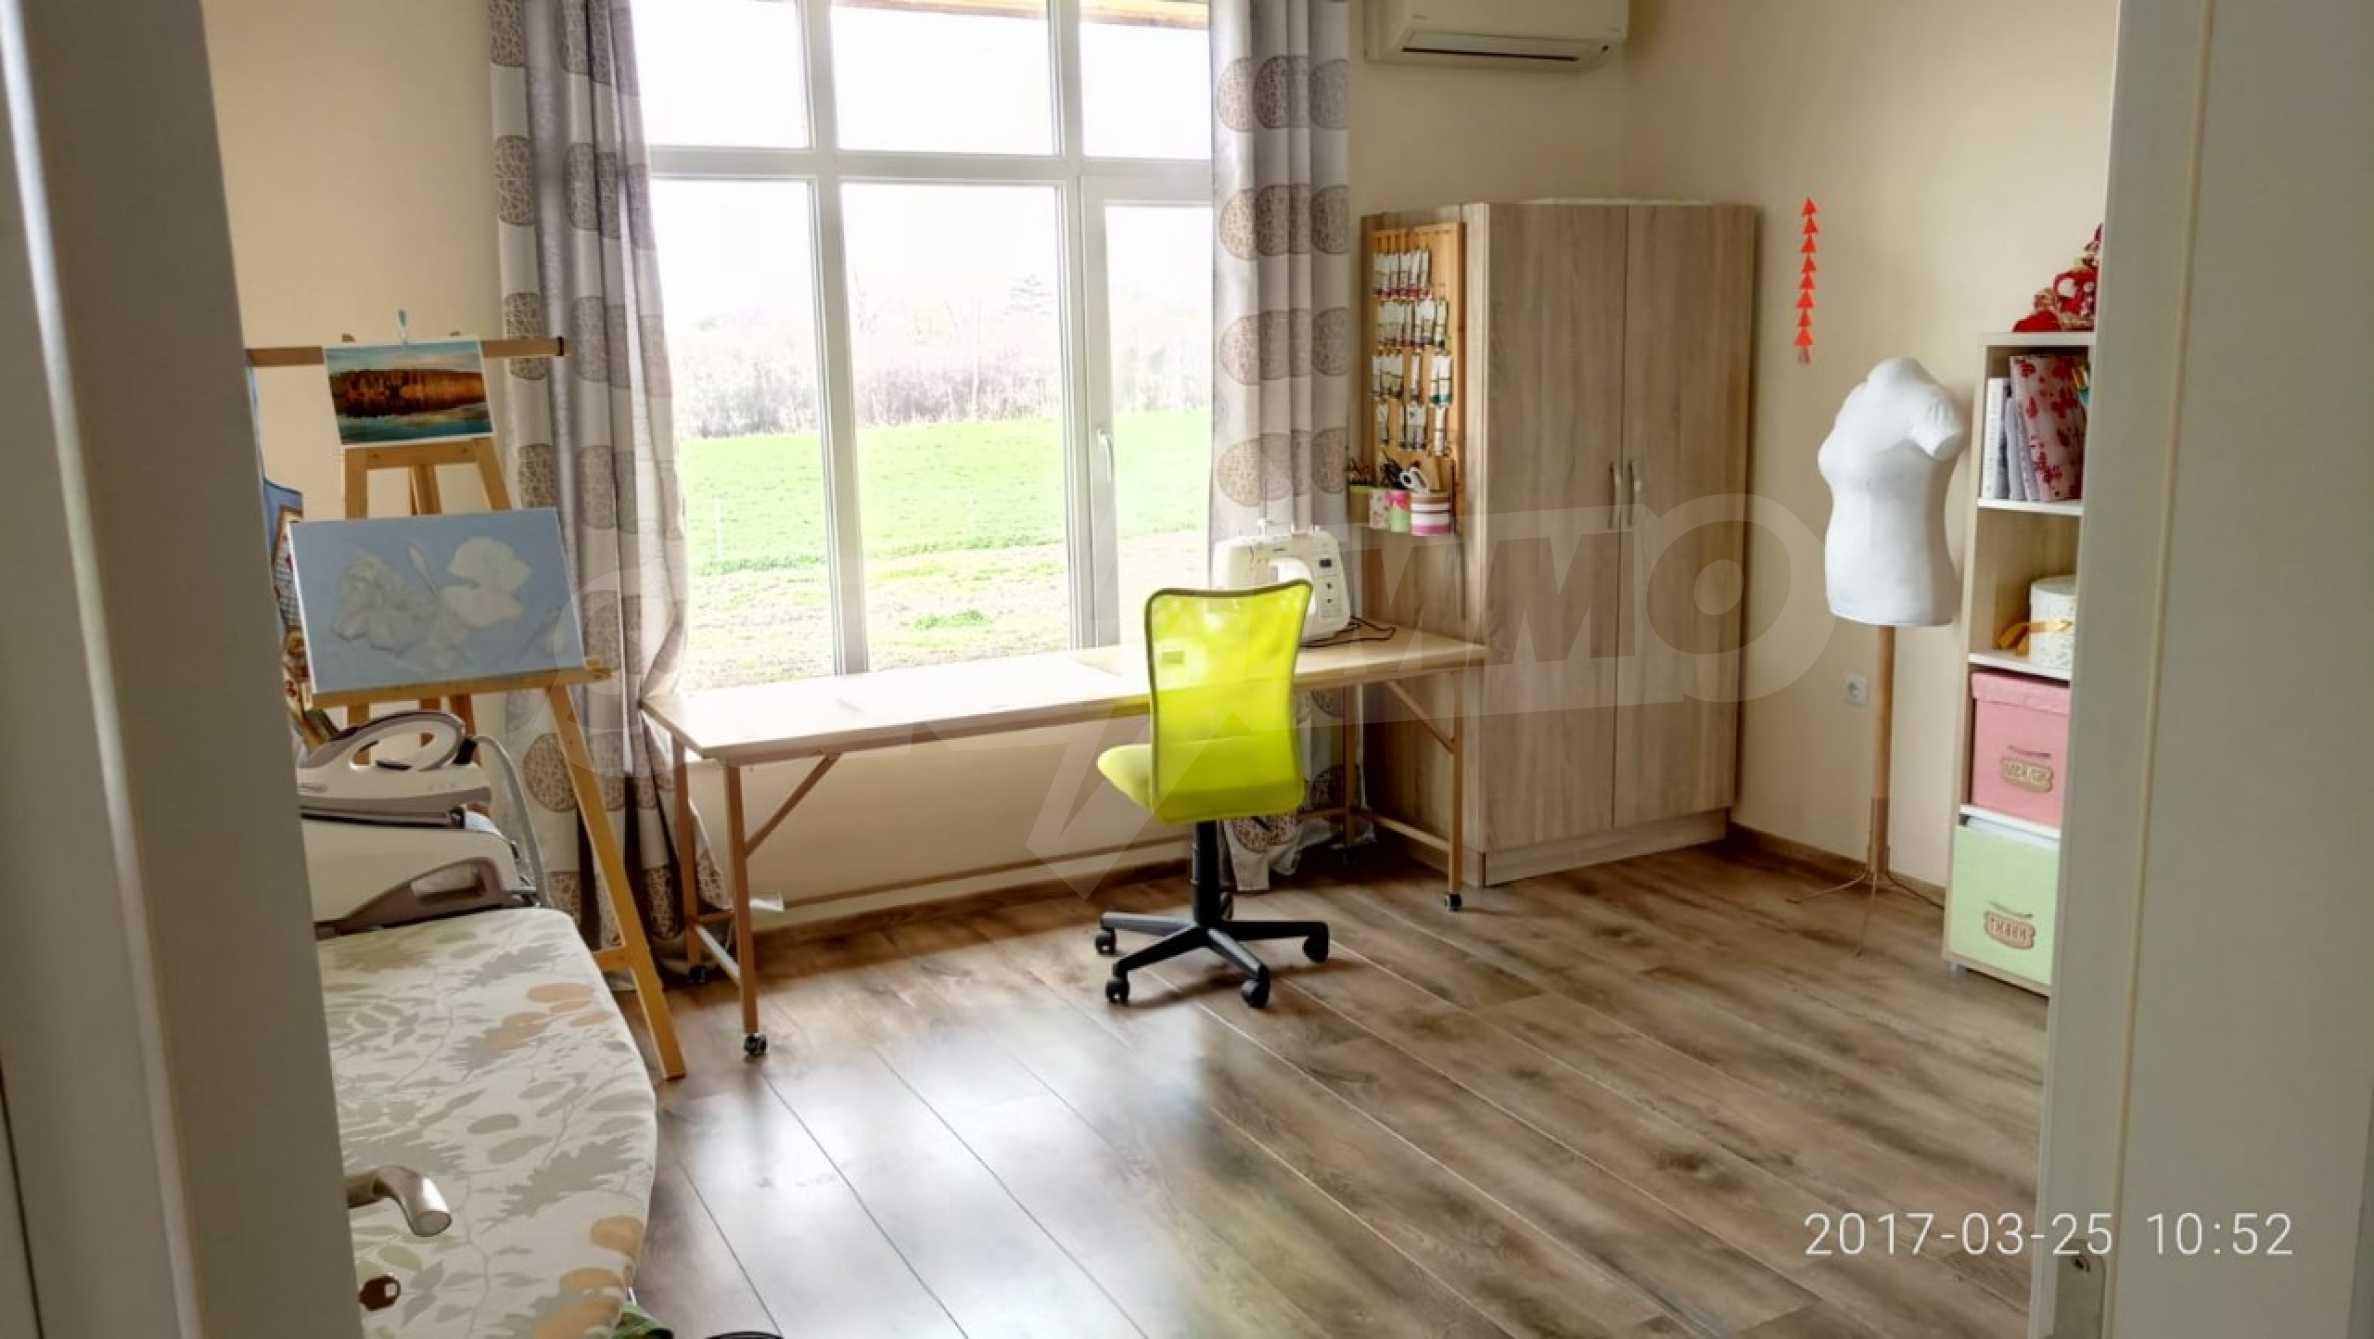 Herrliches Haus mit stilvoller Einrichtung im Df. Kamenar, Gemeinde Pomorie 12